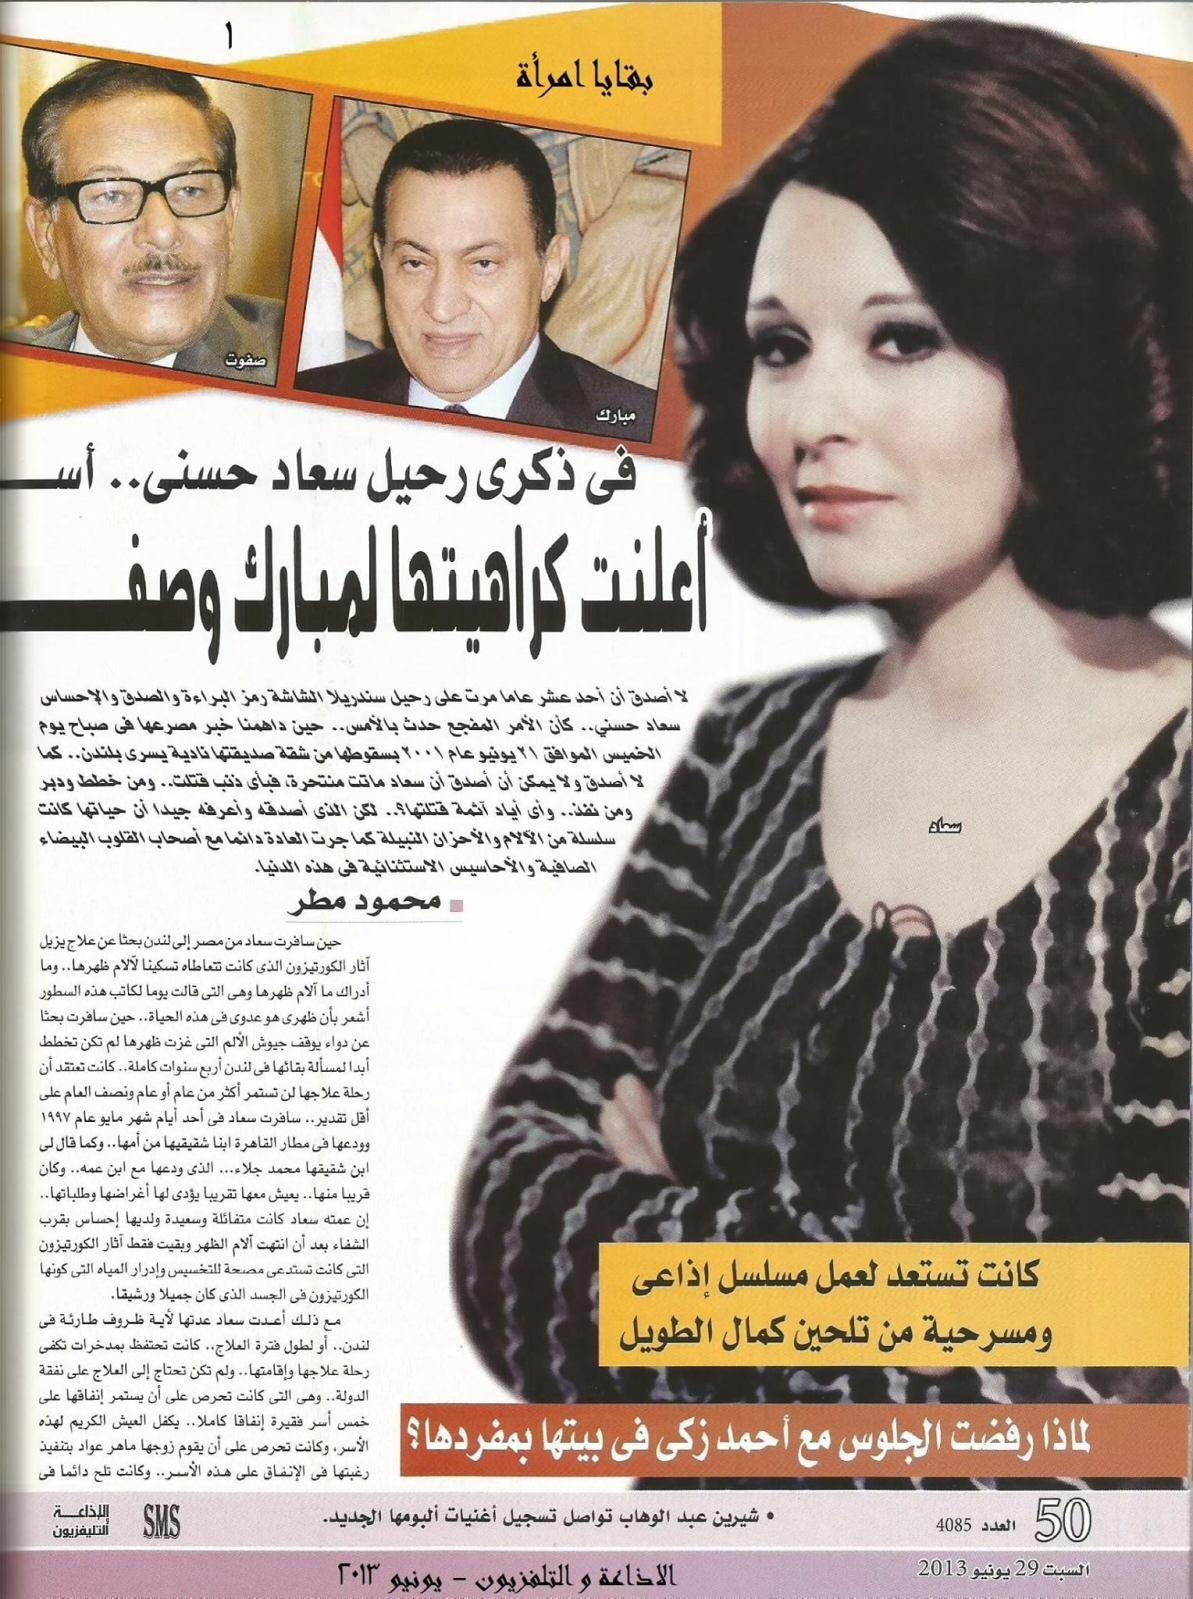 مقال - مقال صحفي : في ذكرى رحيل سعاد حسني .. أسرار جديدة 2013 م 2reo850